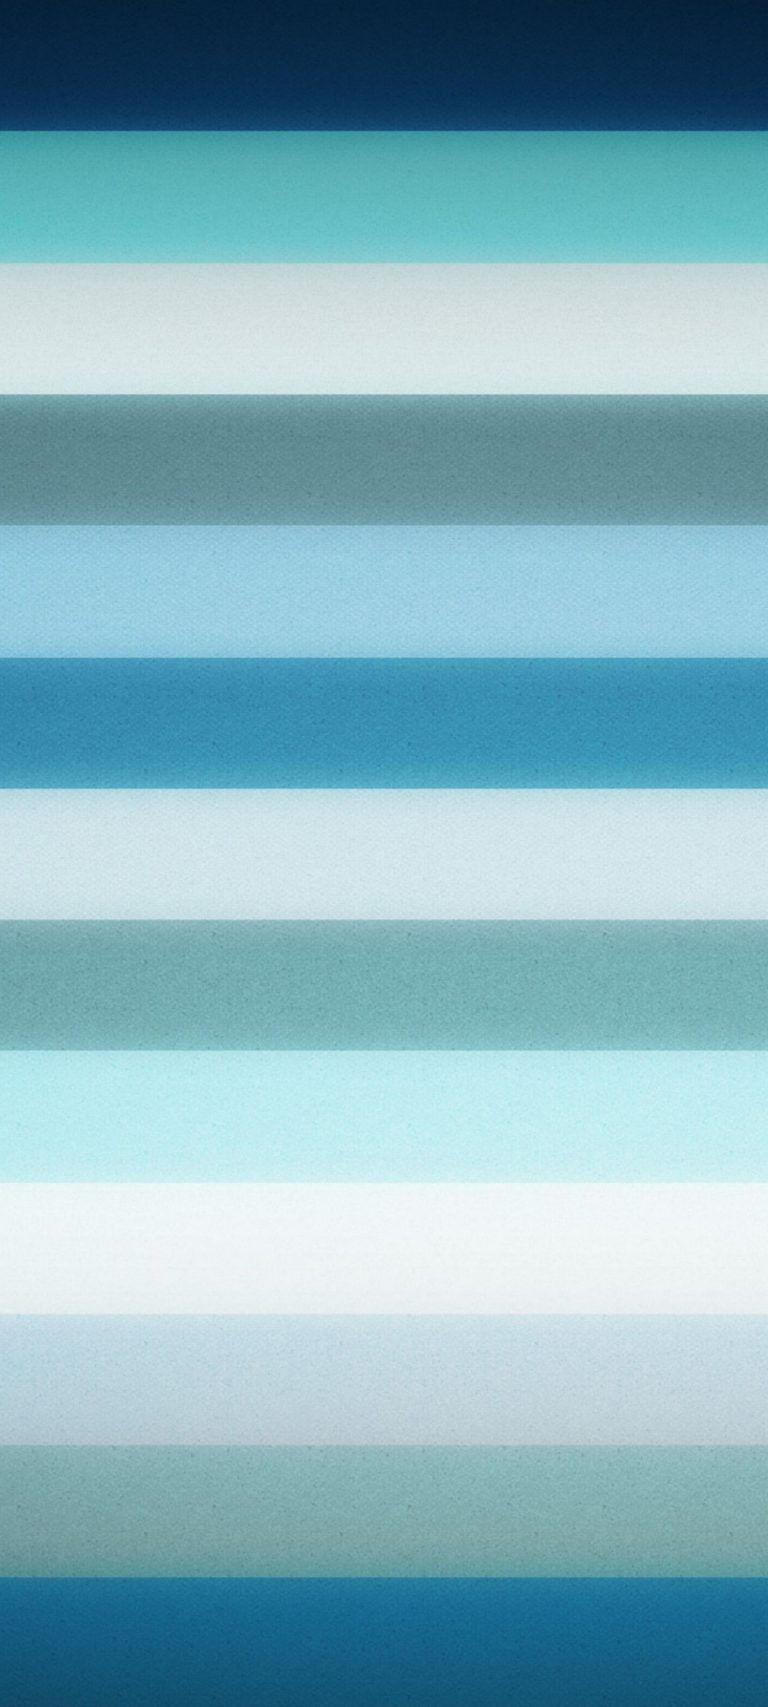 1440x3200 HD Wallpaper 140 768x1707 - 1440x3200 HD Wallpaper - 140